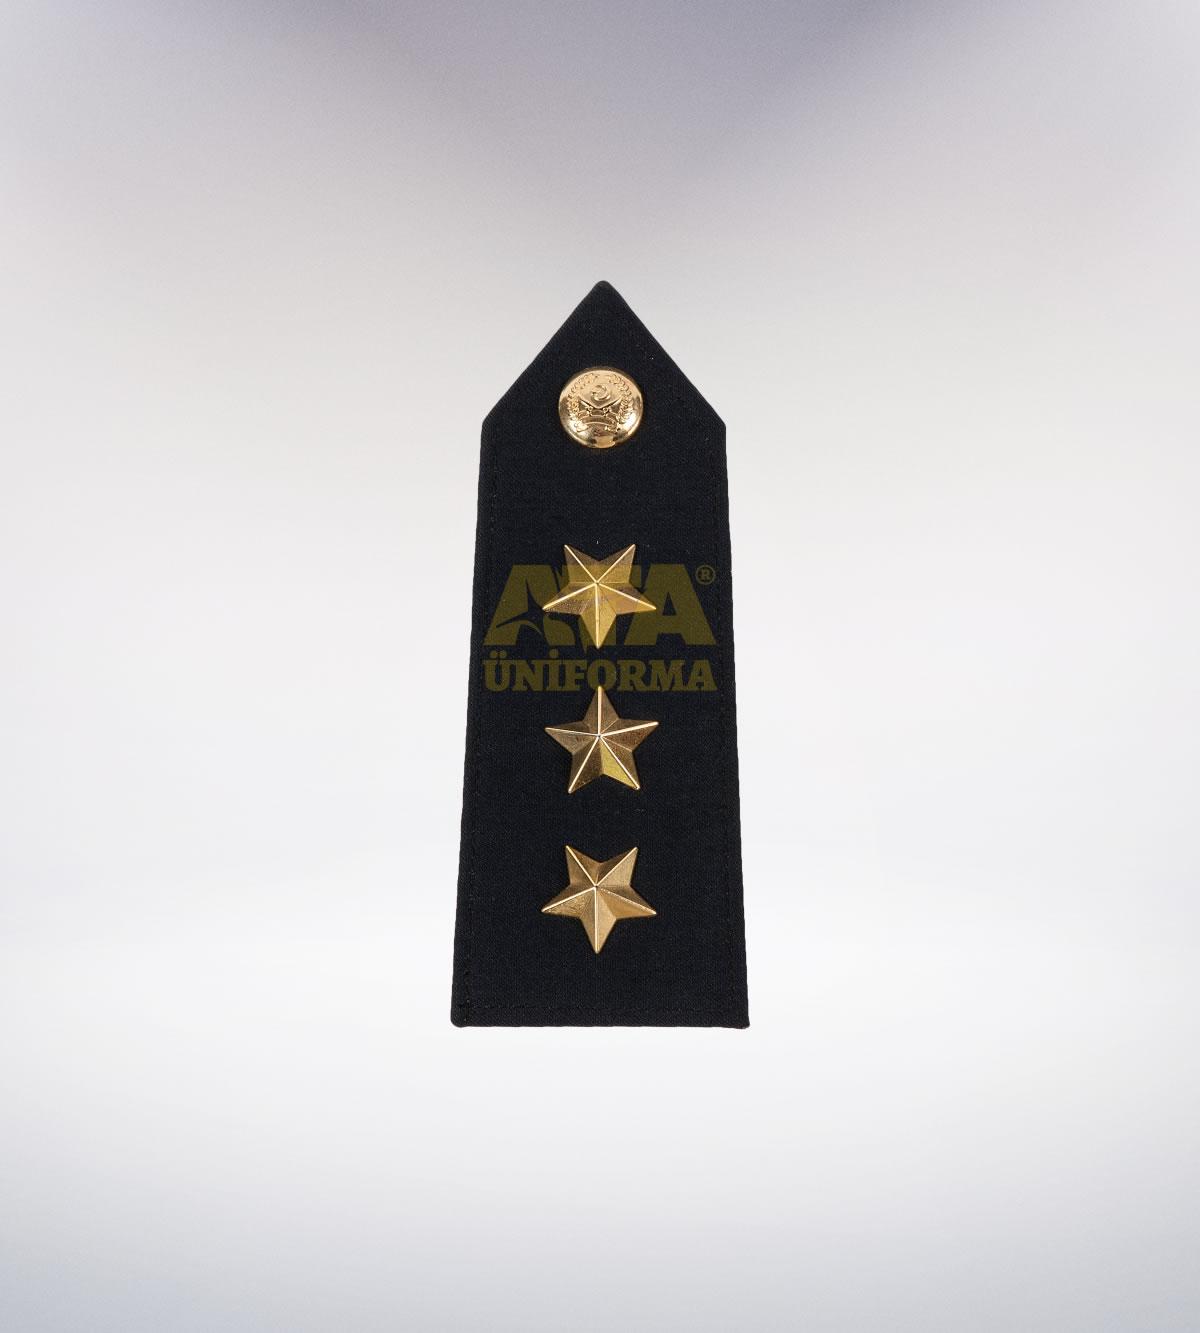 ATA-1019 Polis apolet - polis elbiseleri | polis üniformaları | polis kıyafetleri